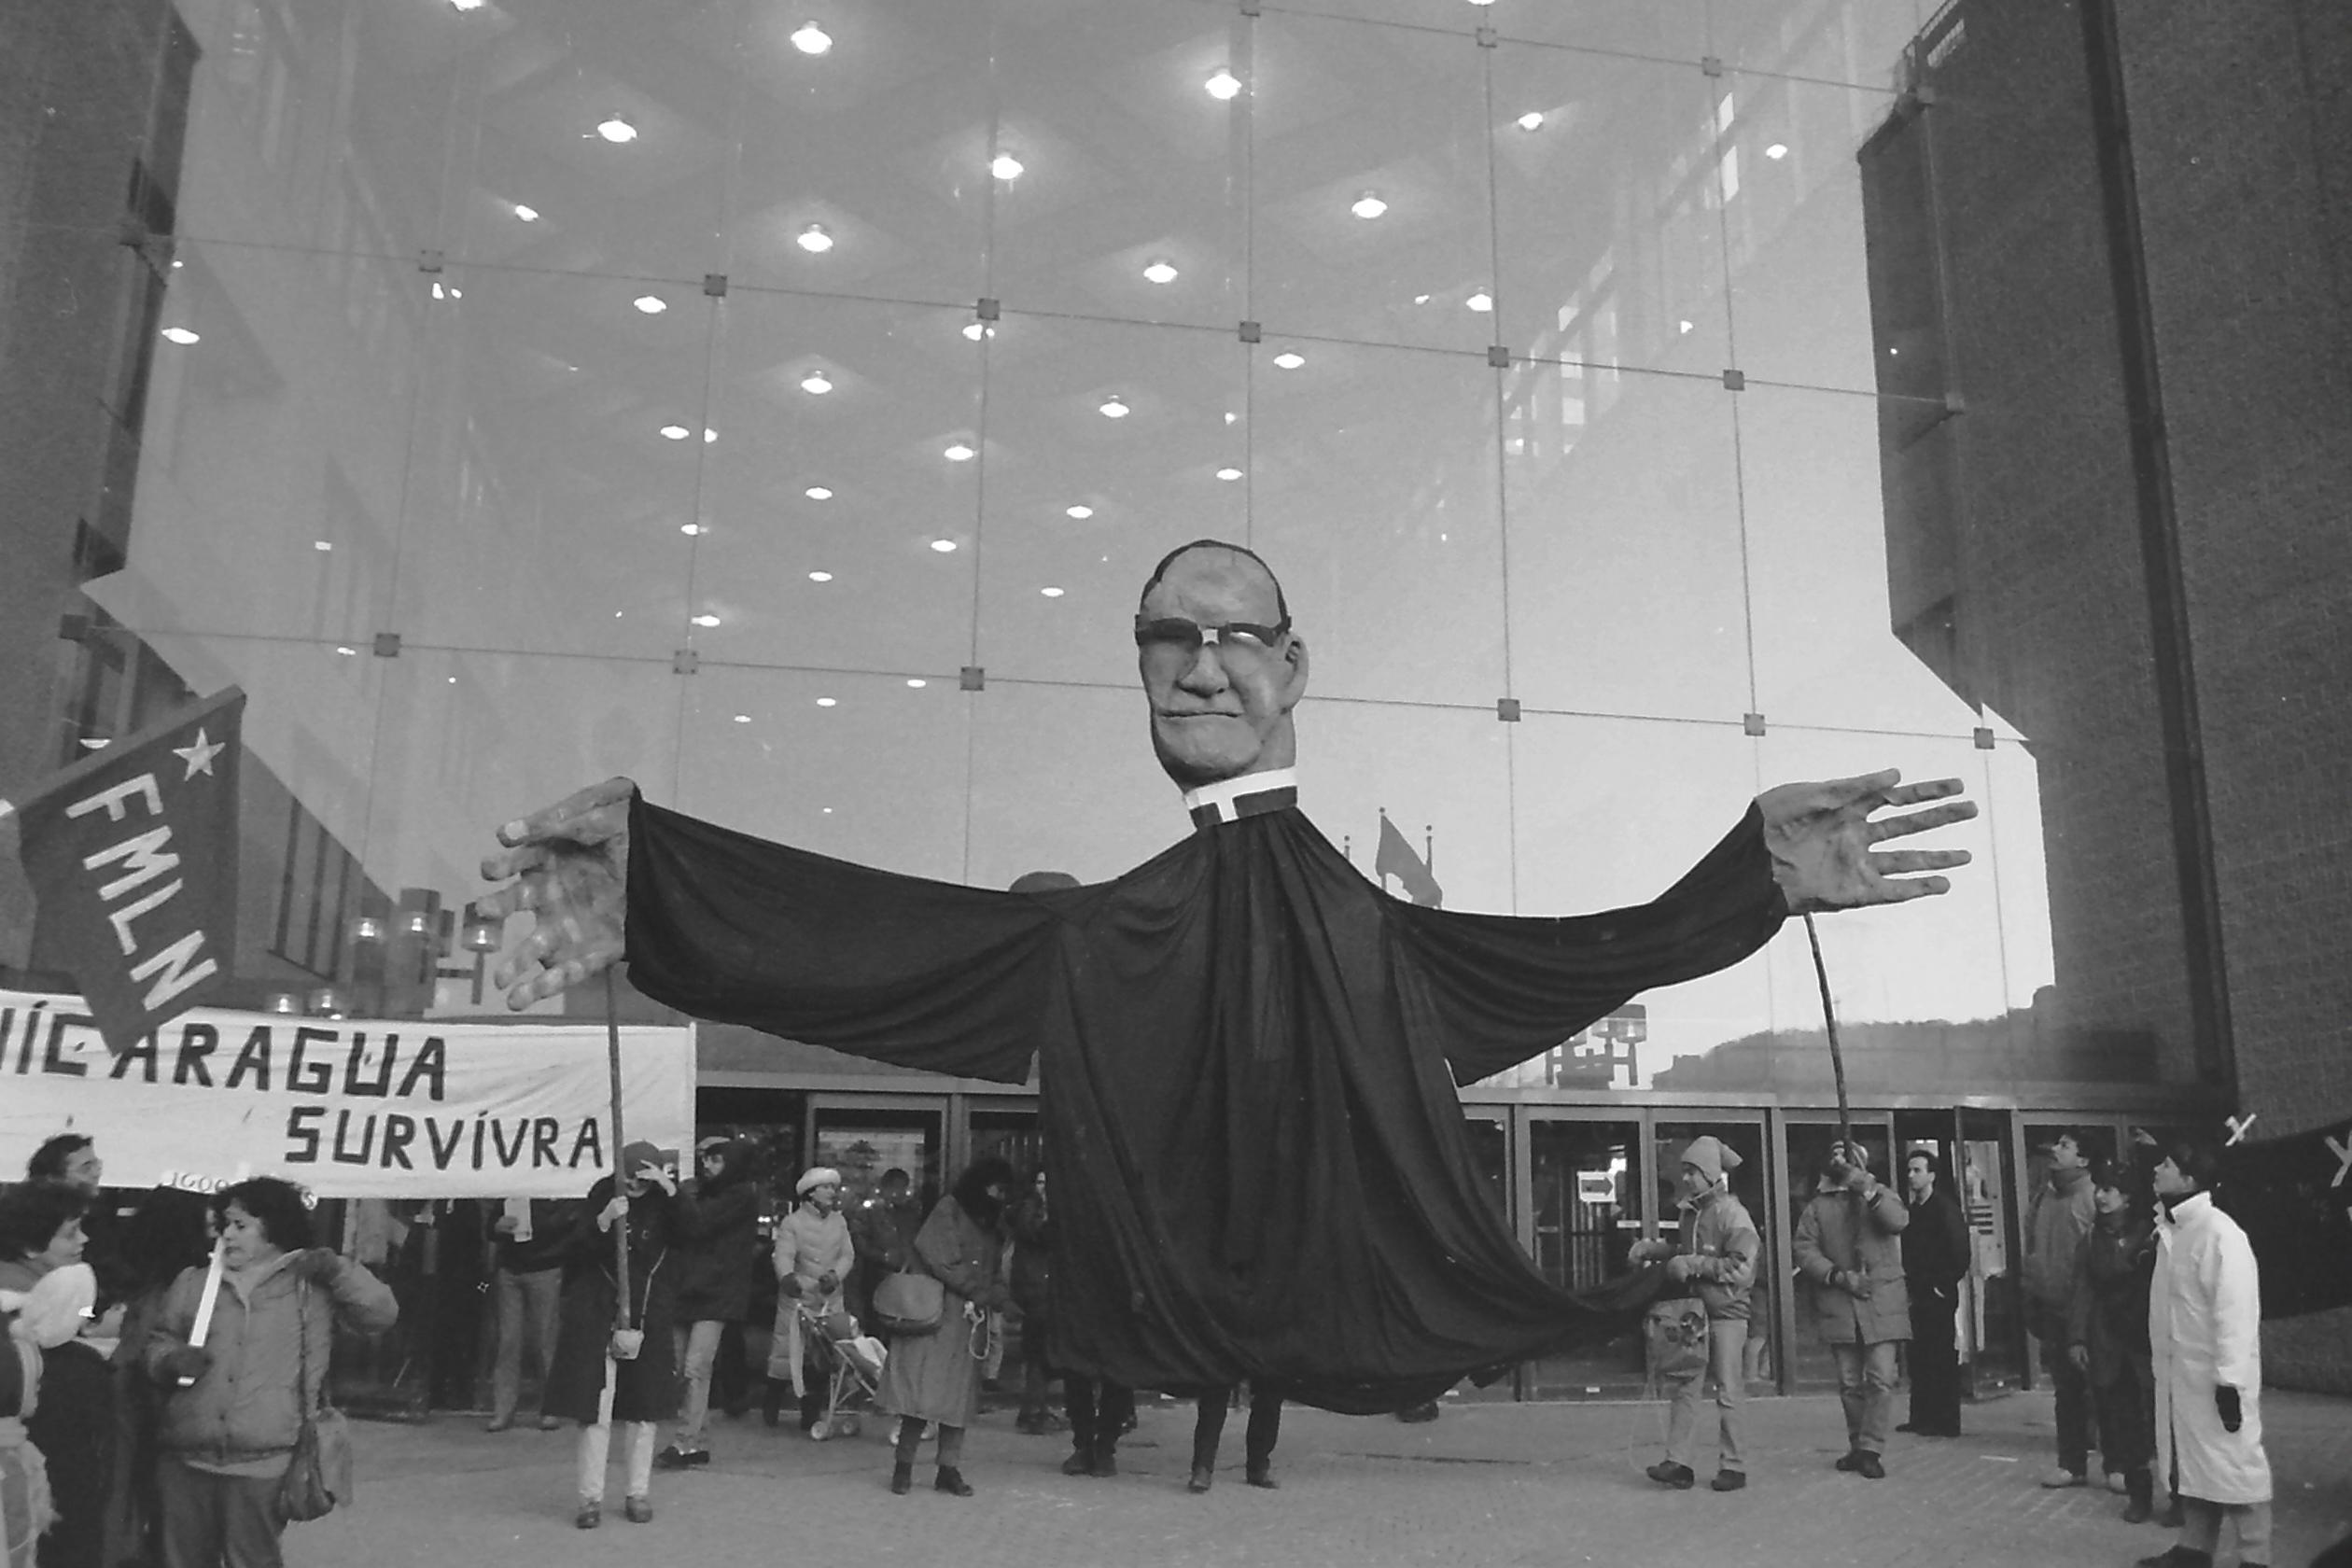 Piquetage devant le consulat général des États-Unis à Montréal en appui au gouvernement sandiniste du Nicaragua, mars 1988. / Photographie de André Querry